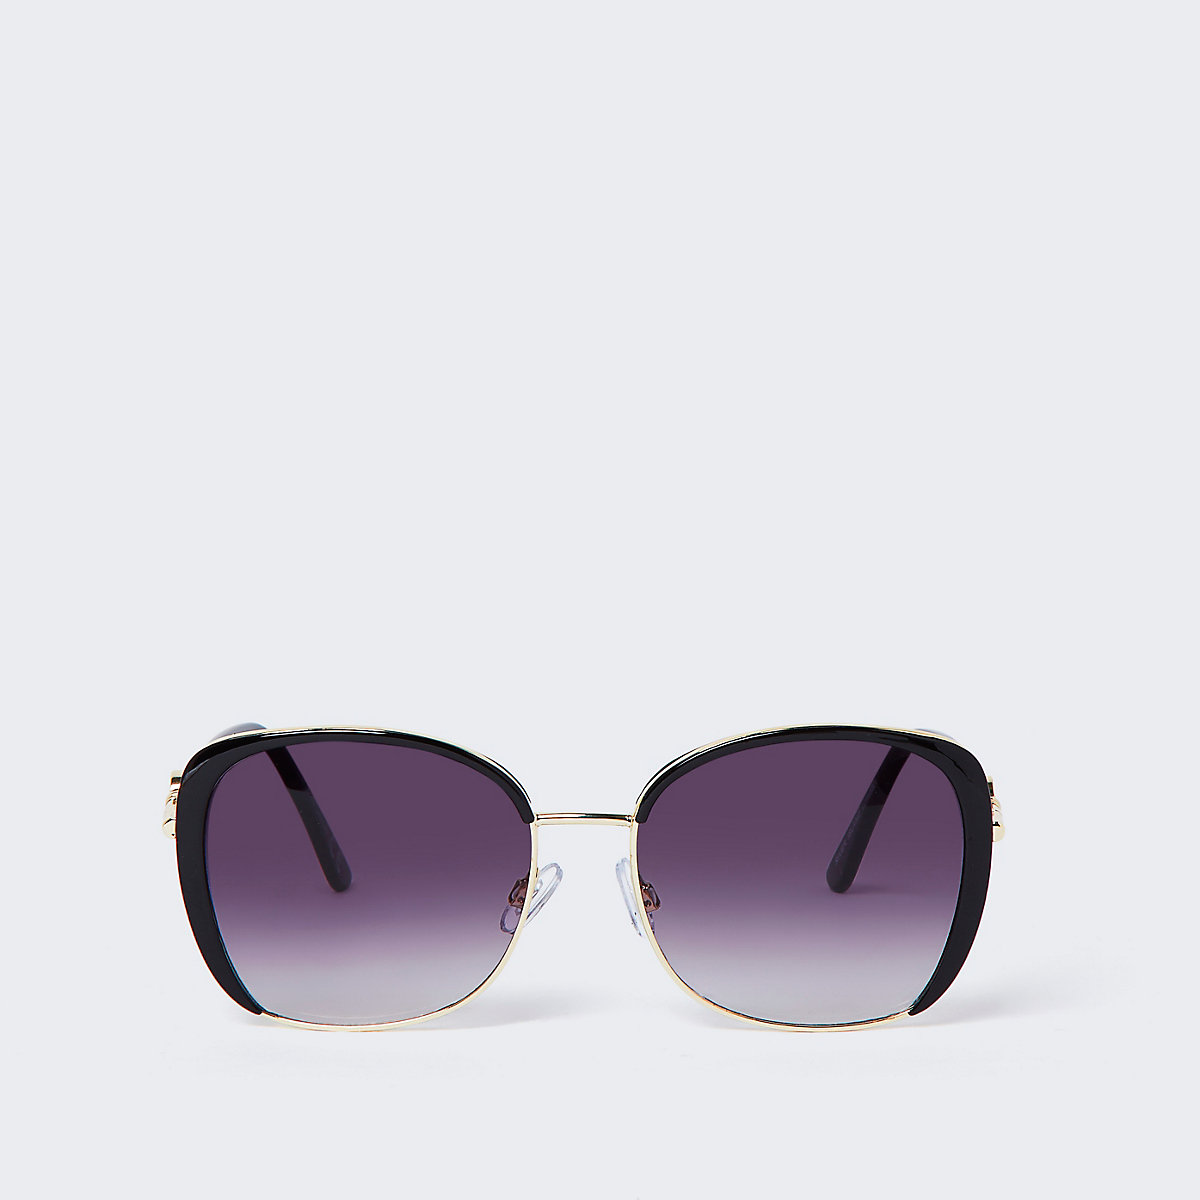 Lunettes de soleil glamour noires à verres fumés - Lunettes de ... 3e65f067df22